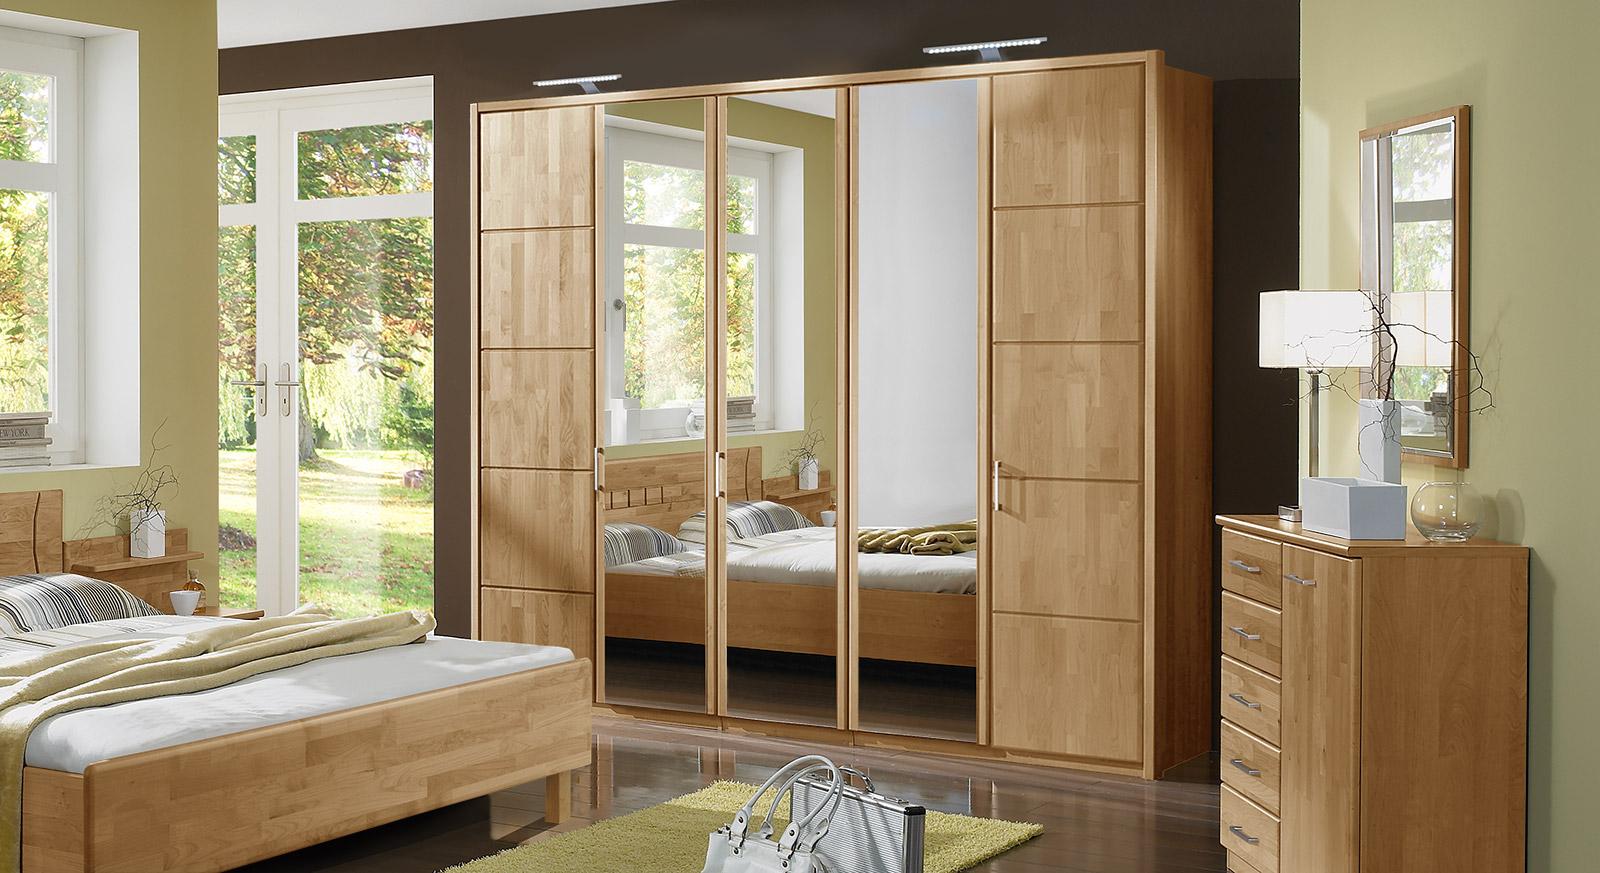 Schlafzimmerschrank modern holz  Moderne schlafzimmer otto ~ Übersicht Traum Schlafzimmer